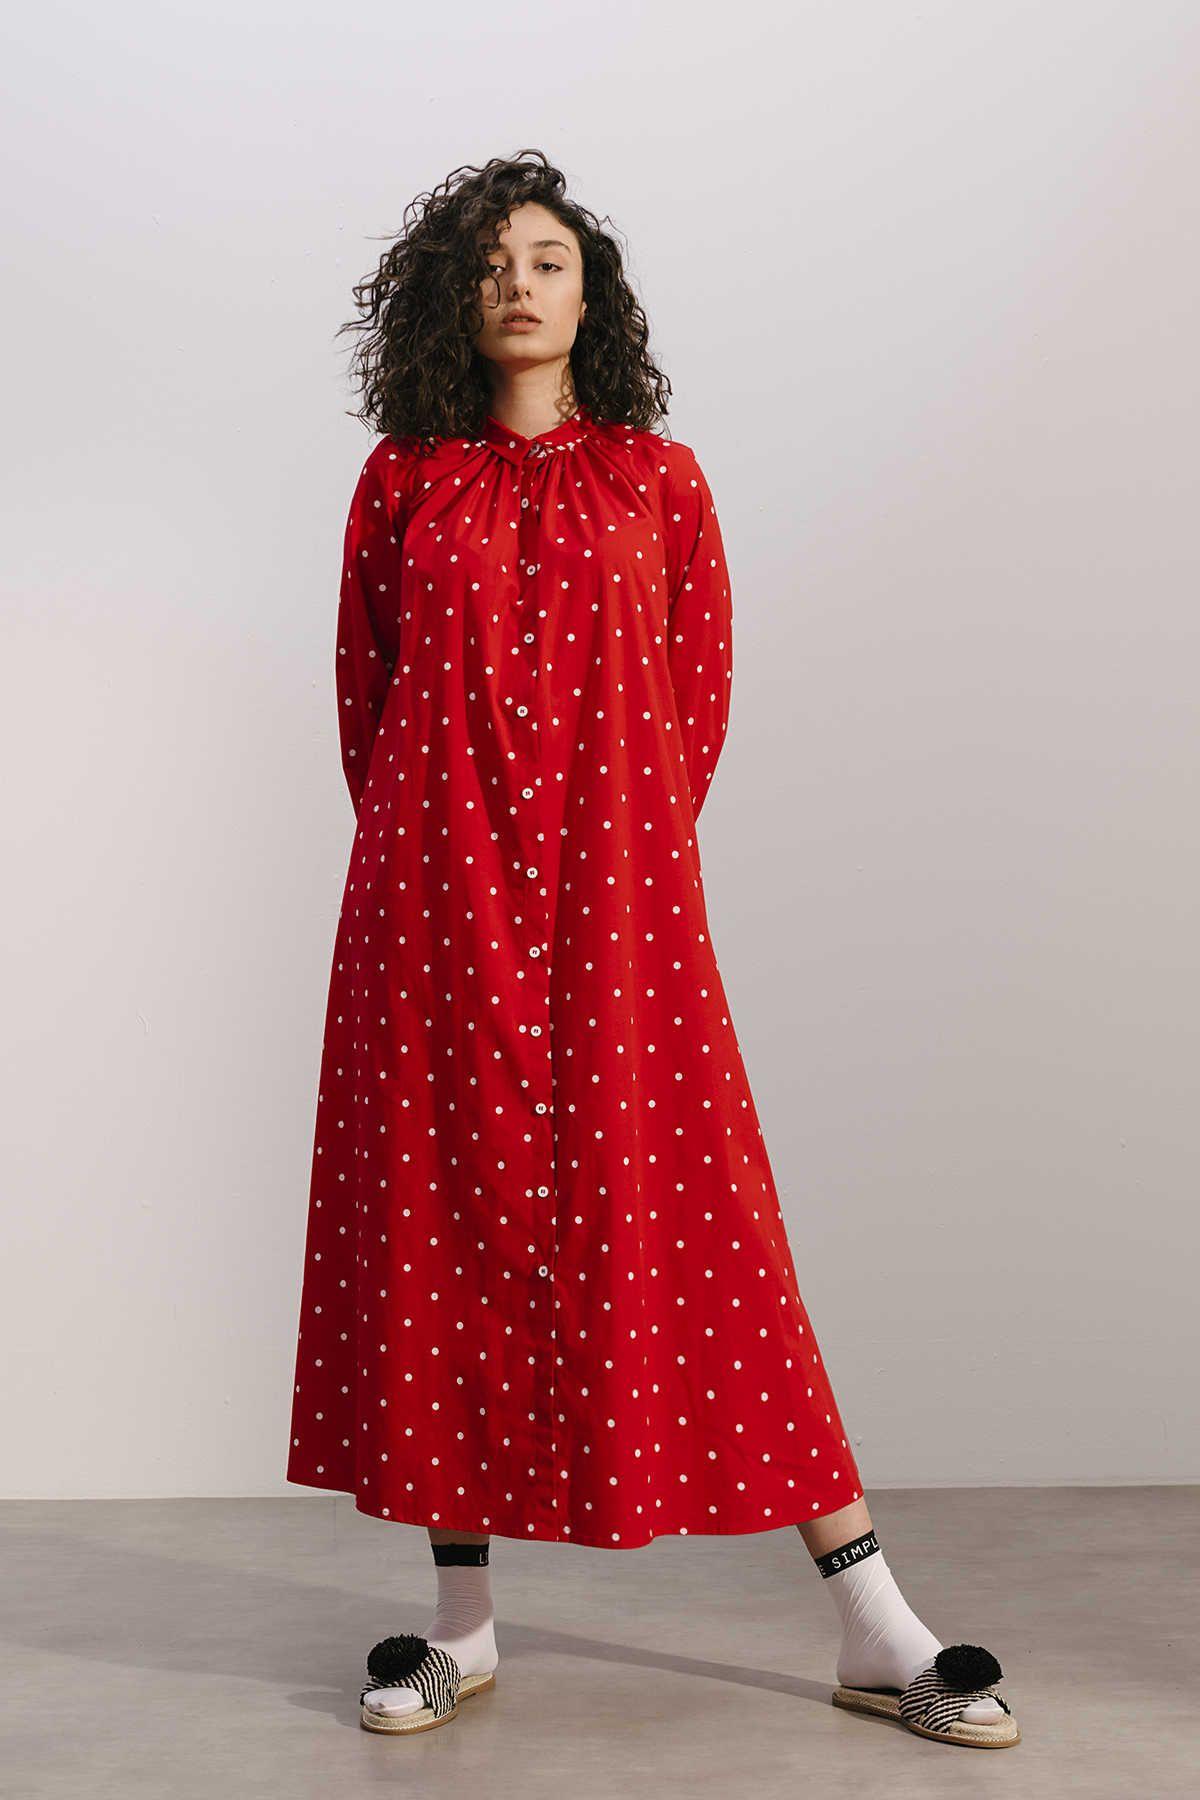 Kuaybe Gider Koton Kirmizi Puantiyeli Elbise 2094 Puantiyeli Elbise Elbise Giyim